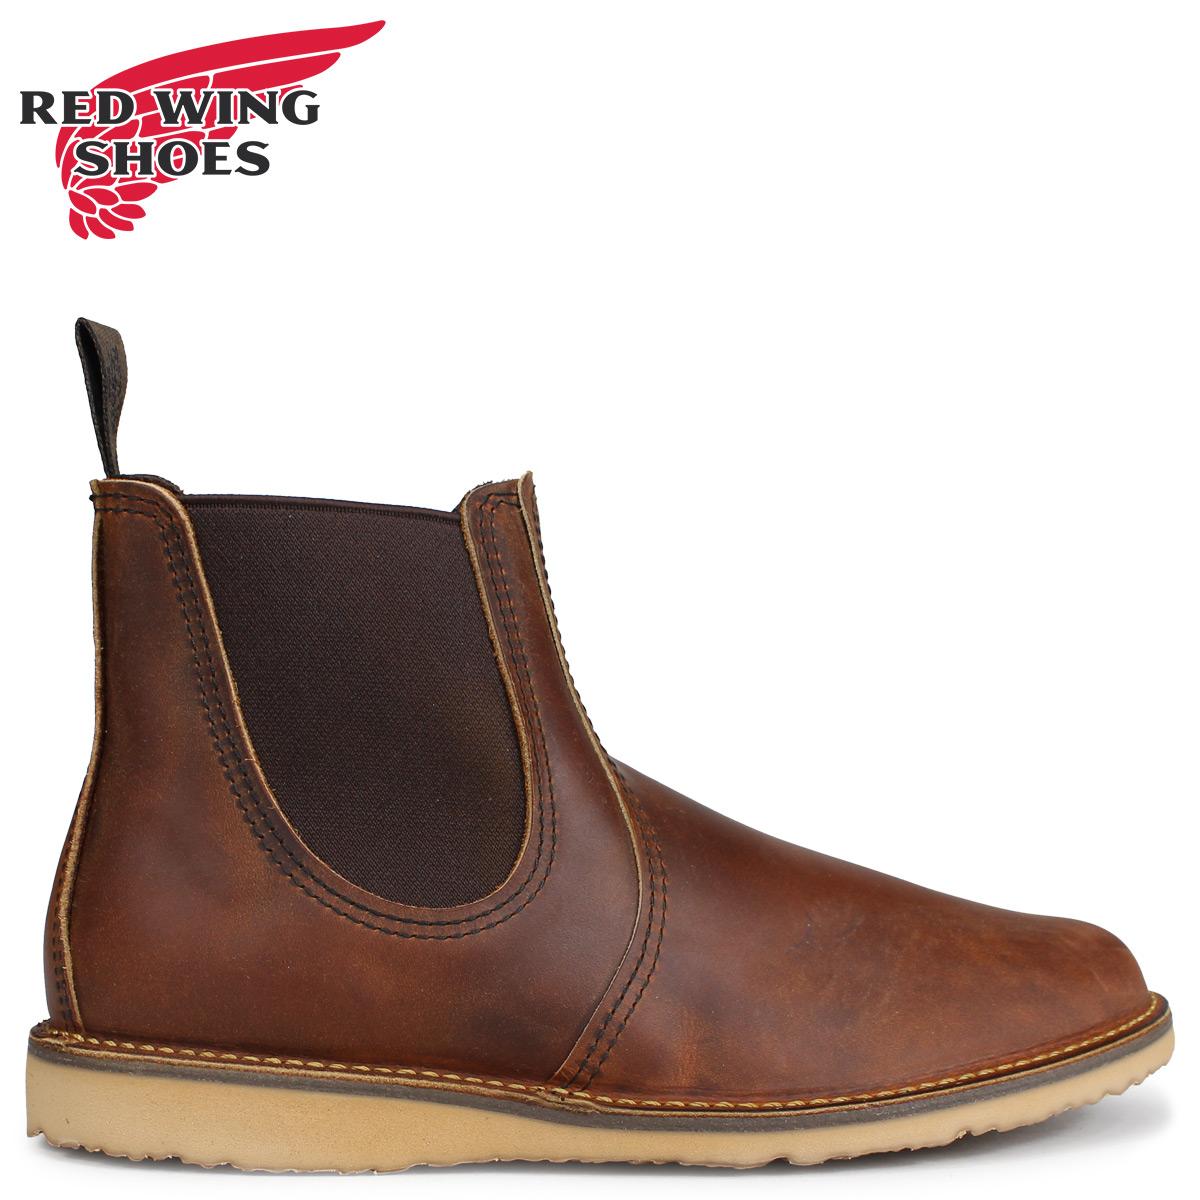 RED WING レッドウィング ブーツ チェルシー サイドゴア メンズ WEEKENDER CHELSEA Dワイズ ブラウン 3311